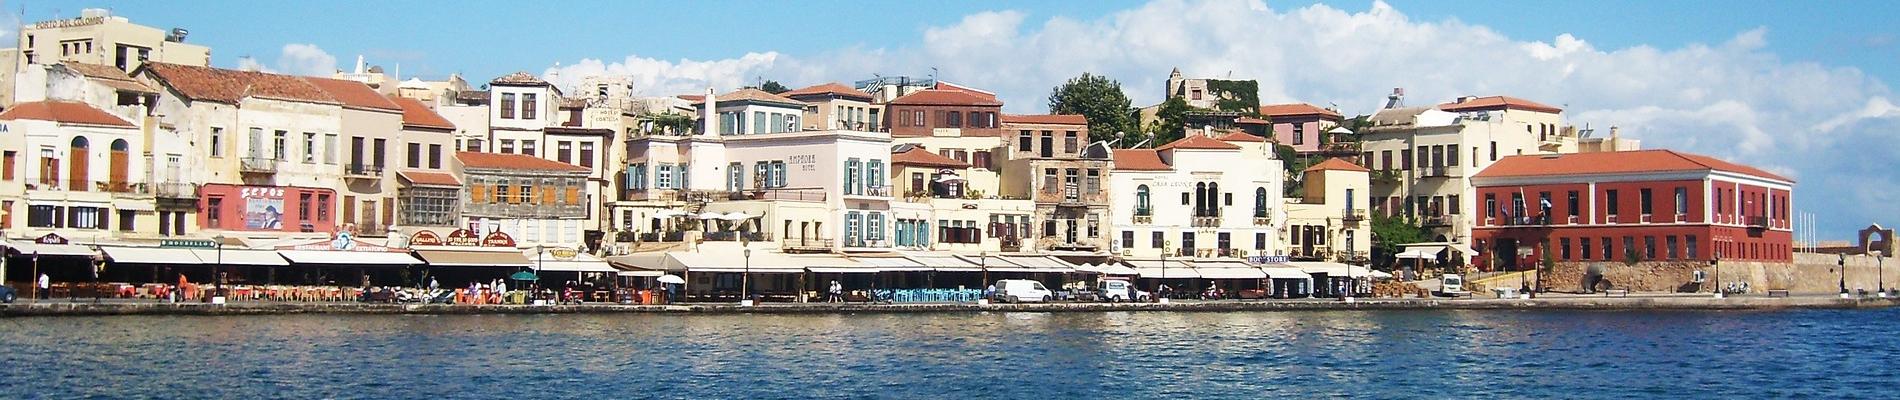 nachbarninsel von kreta